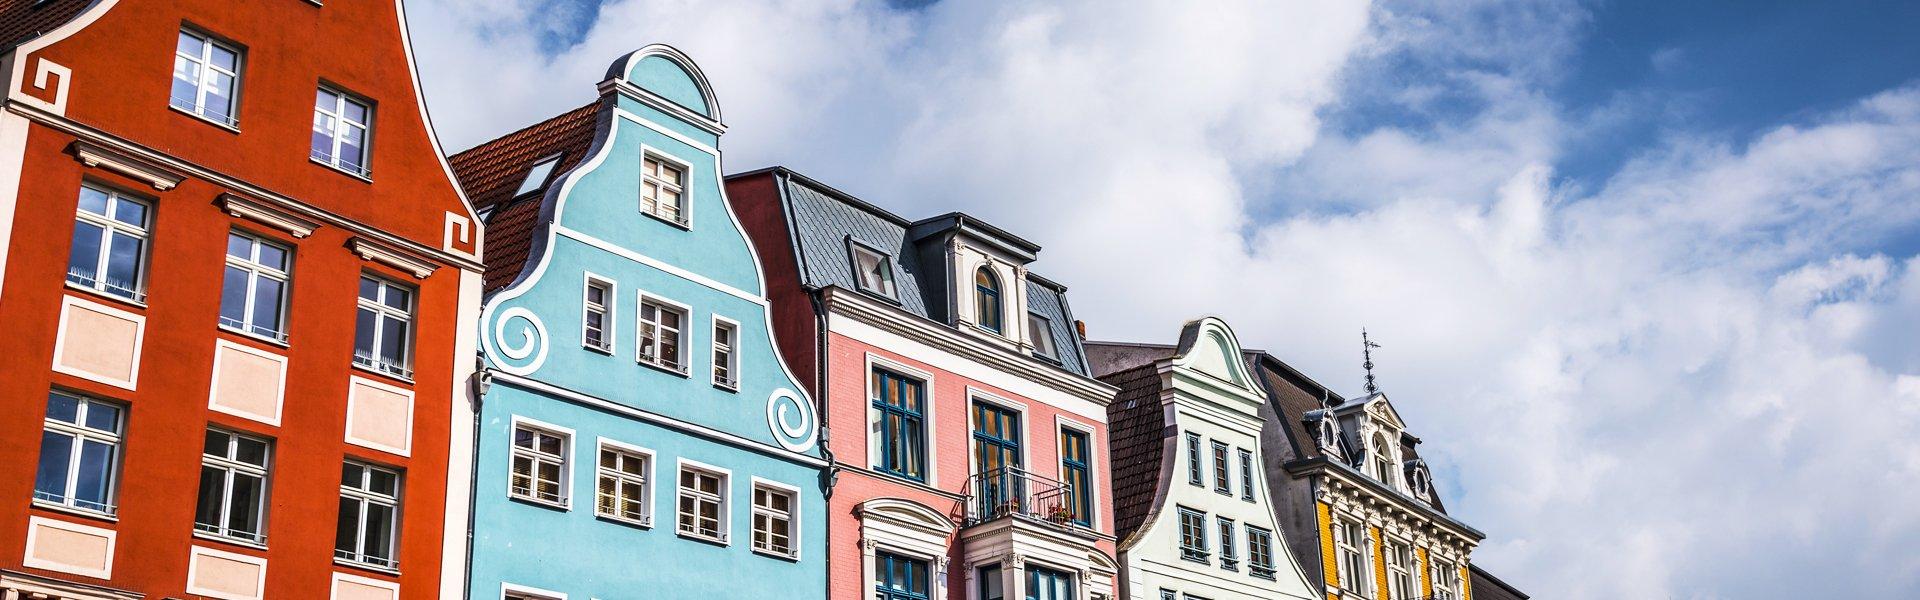 Rostock, Duitsland